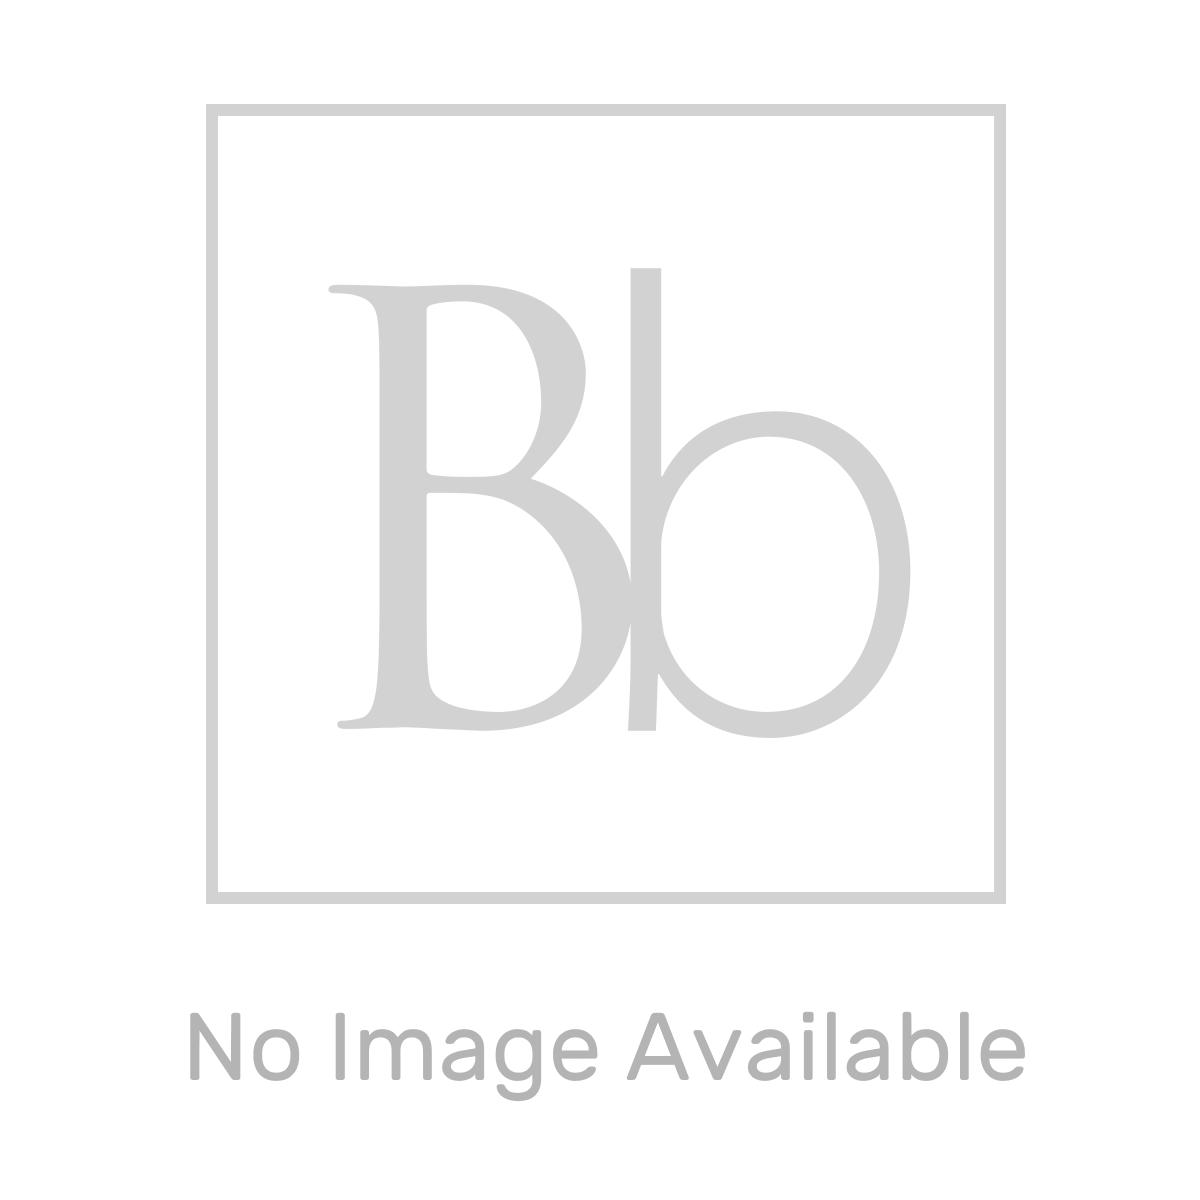 Nuie Blocks Satin Blue 2 Door Floor Standing Vanity Unit  with 18mm Profile Basin 600mm